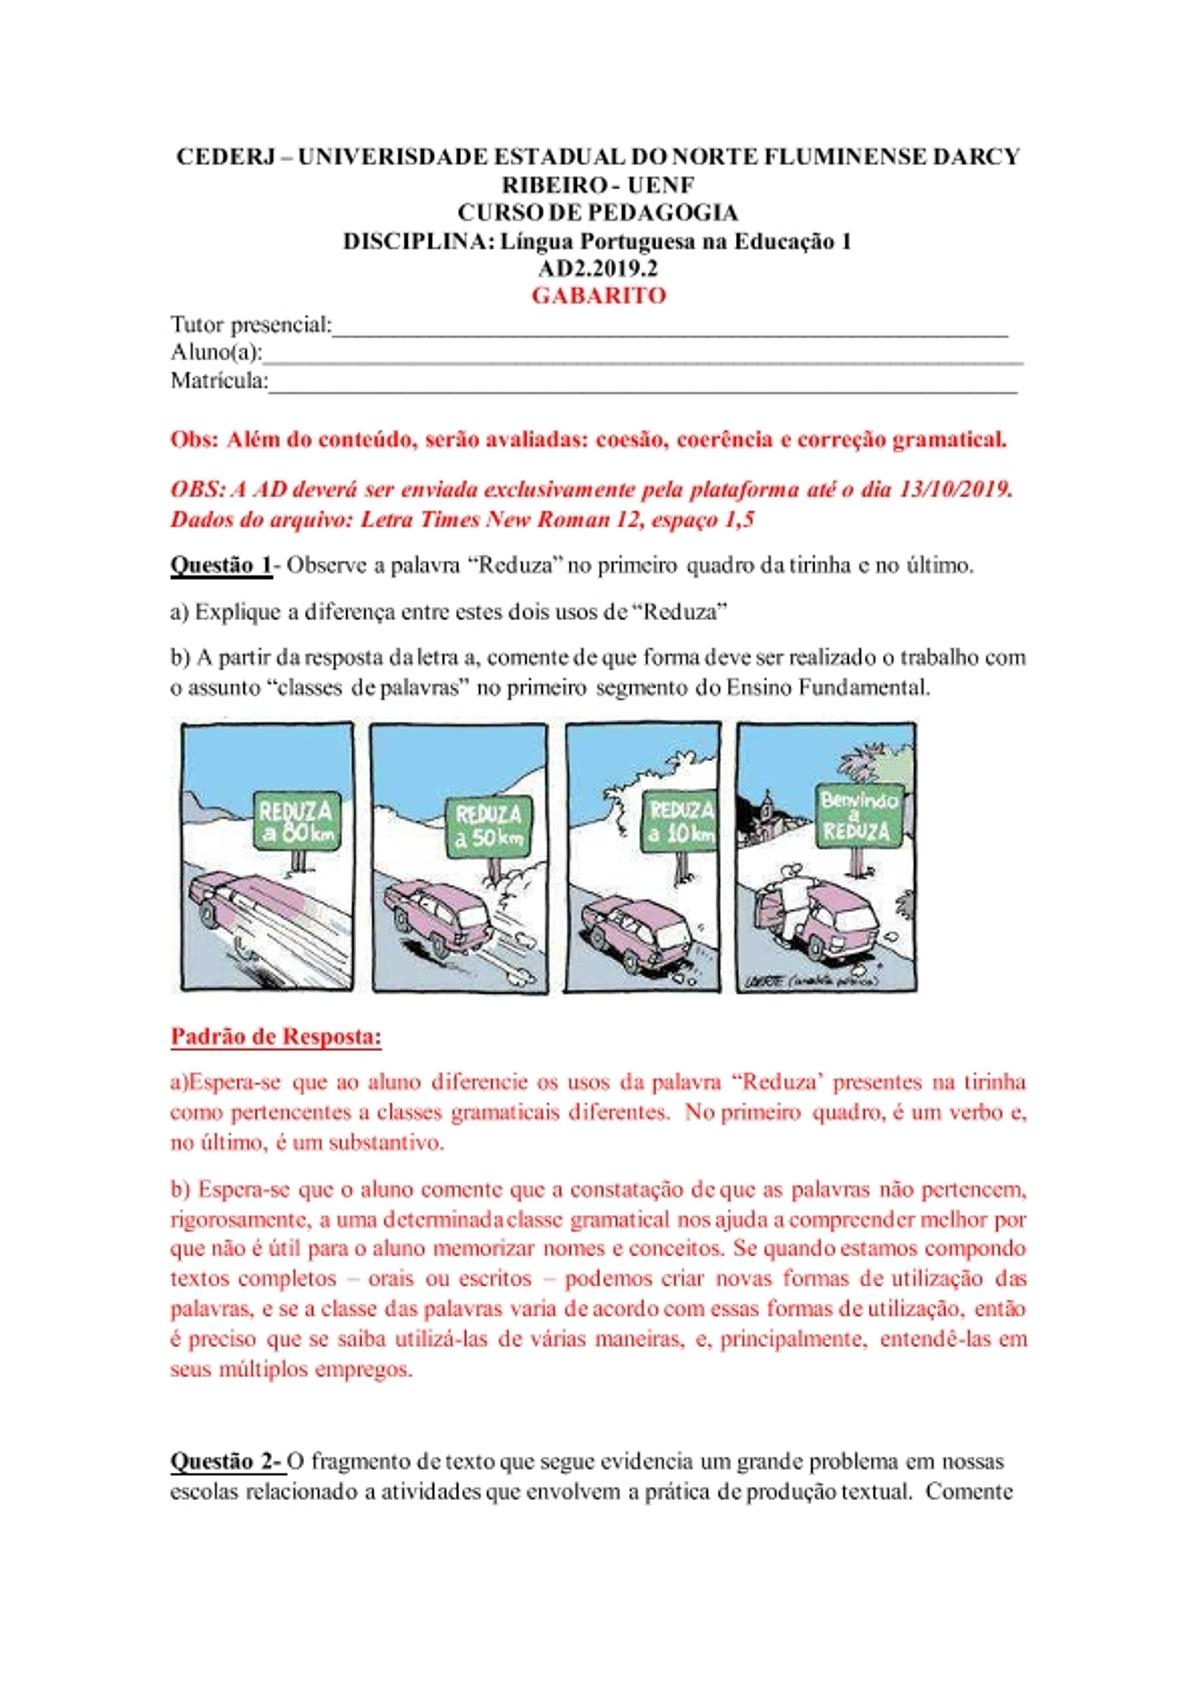 Pre-visualização do material AD2 LÍNGUA PORTUGUESA NA EDUCAÇÃO 1 2019.2 Gabarito - página 1